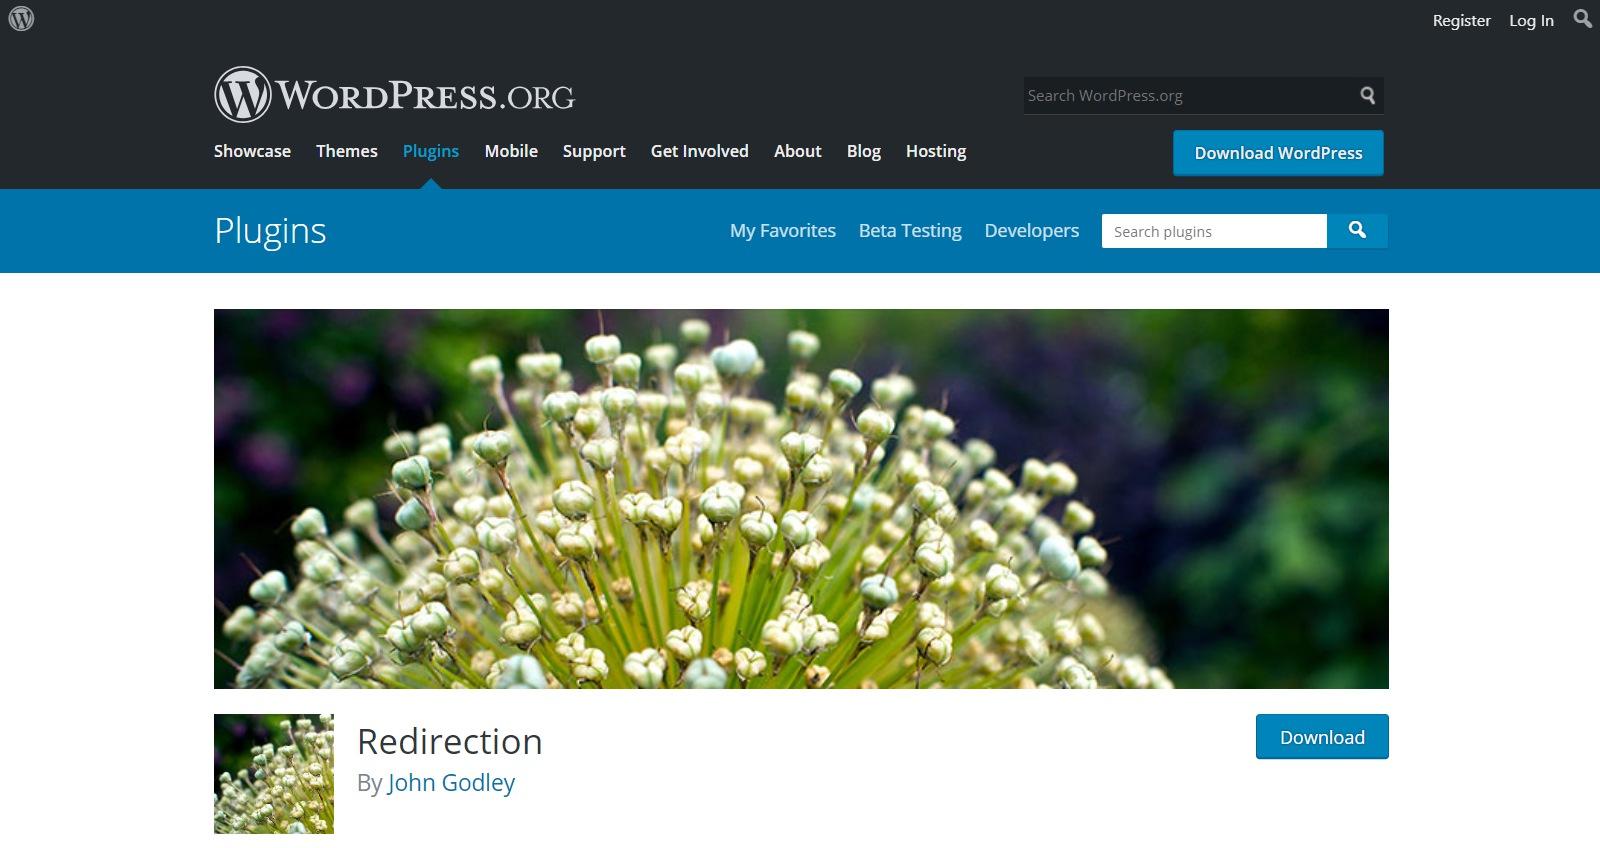 redirection-best free plugin 2021